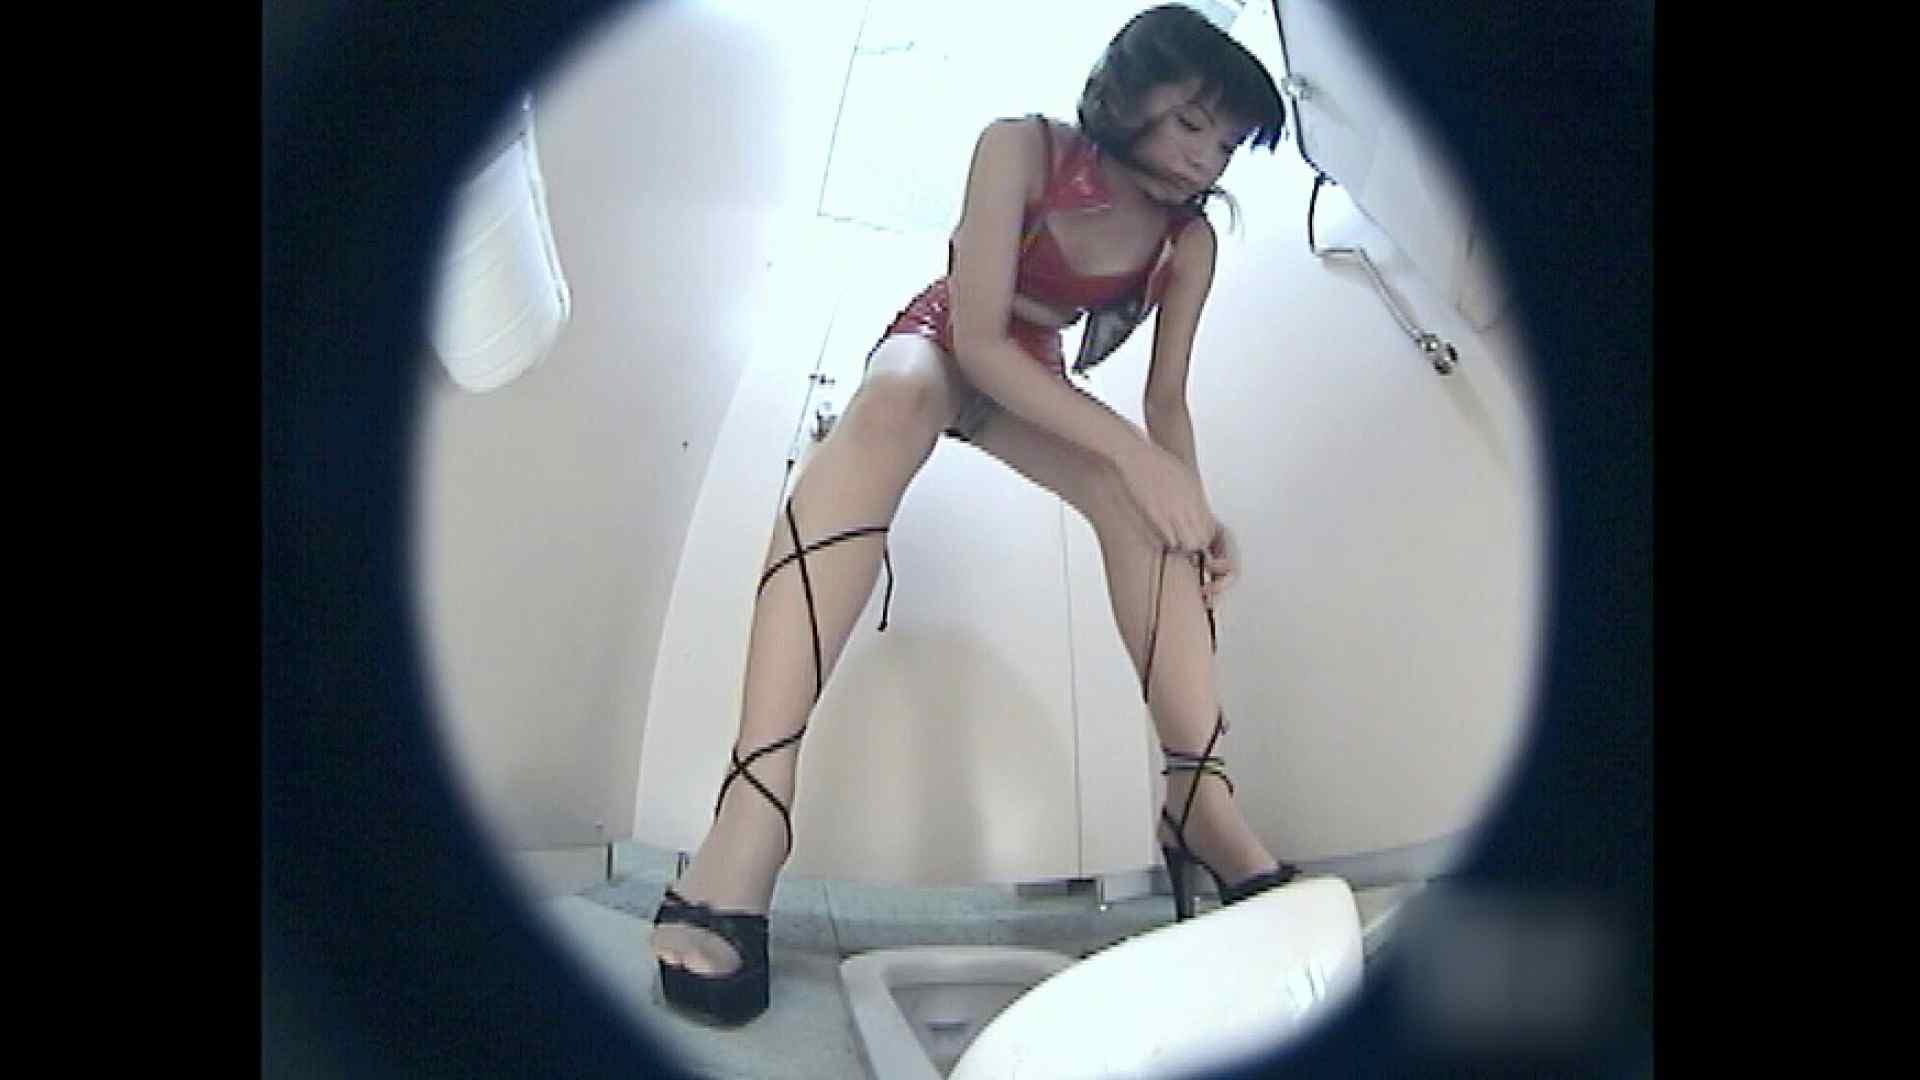 レースクィーントイレ盗撮!Vol.03 トイレ 覗きおまんこ画像 31連発 18